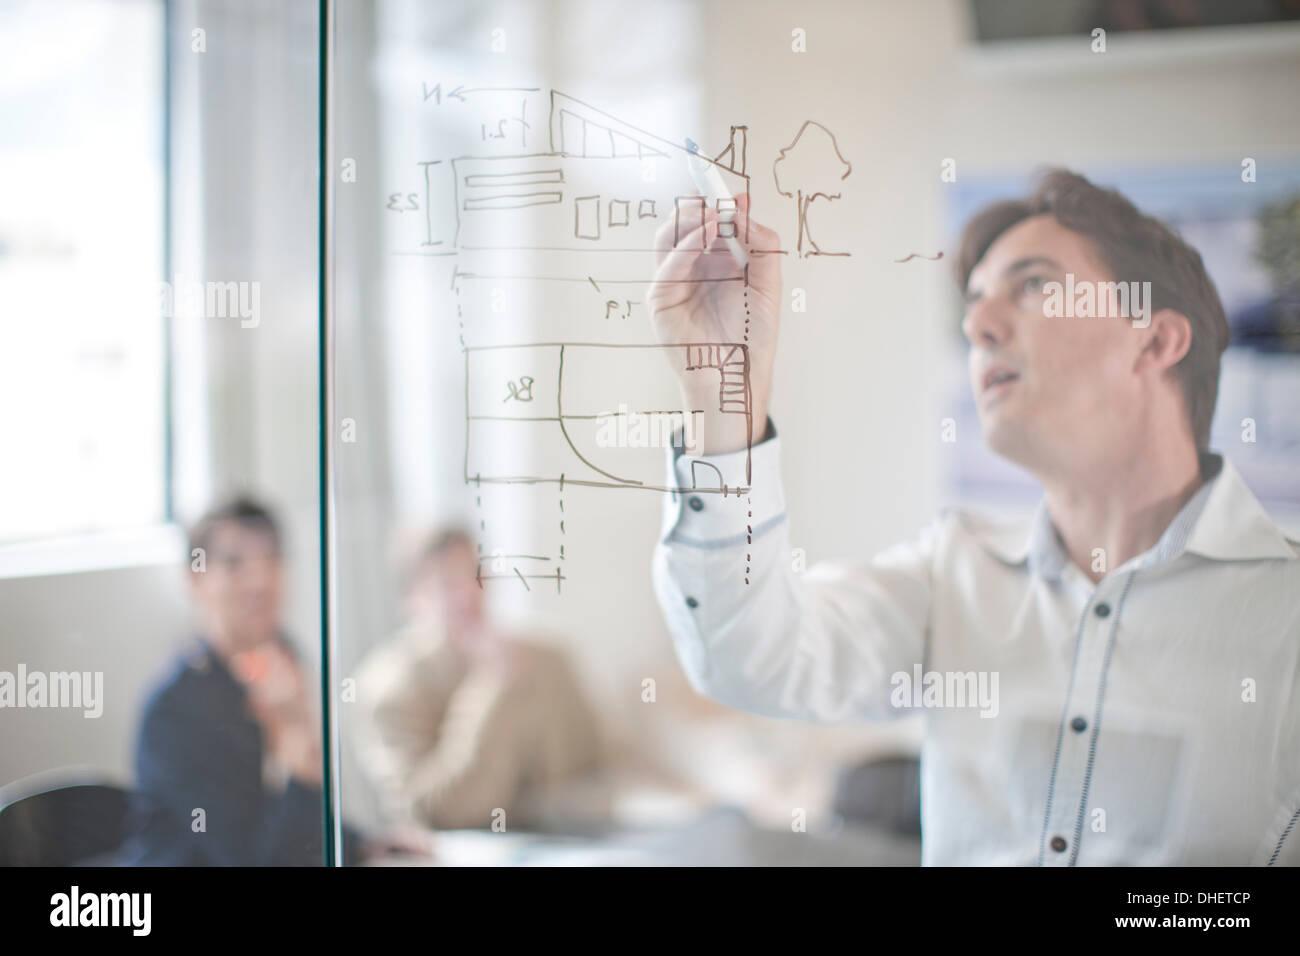 Menschen zeichnen Baupläne an Glaswand, Kolleginnen und Kollegen im Hintergrund Stockbild